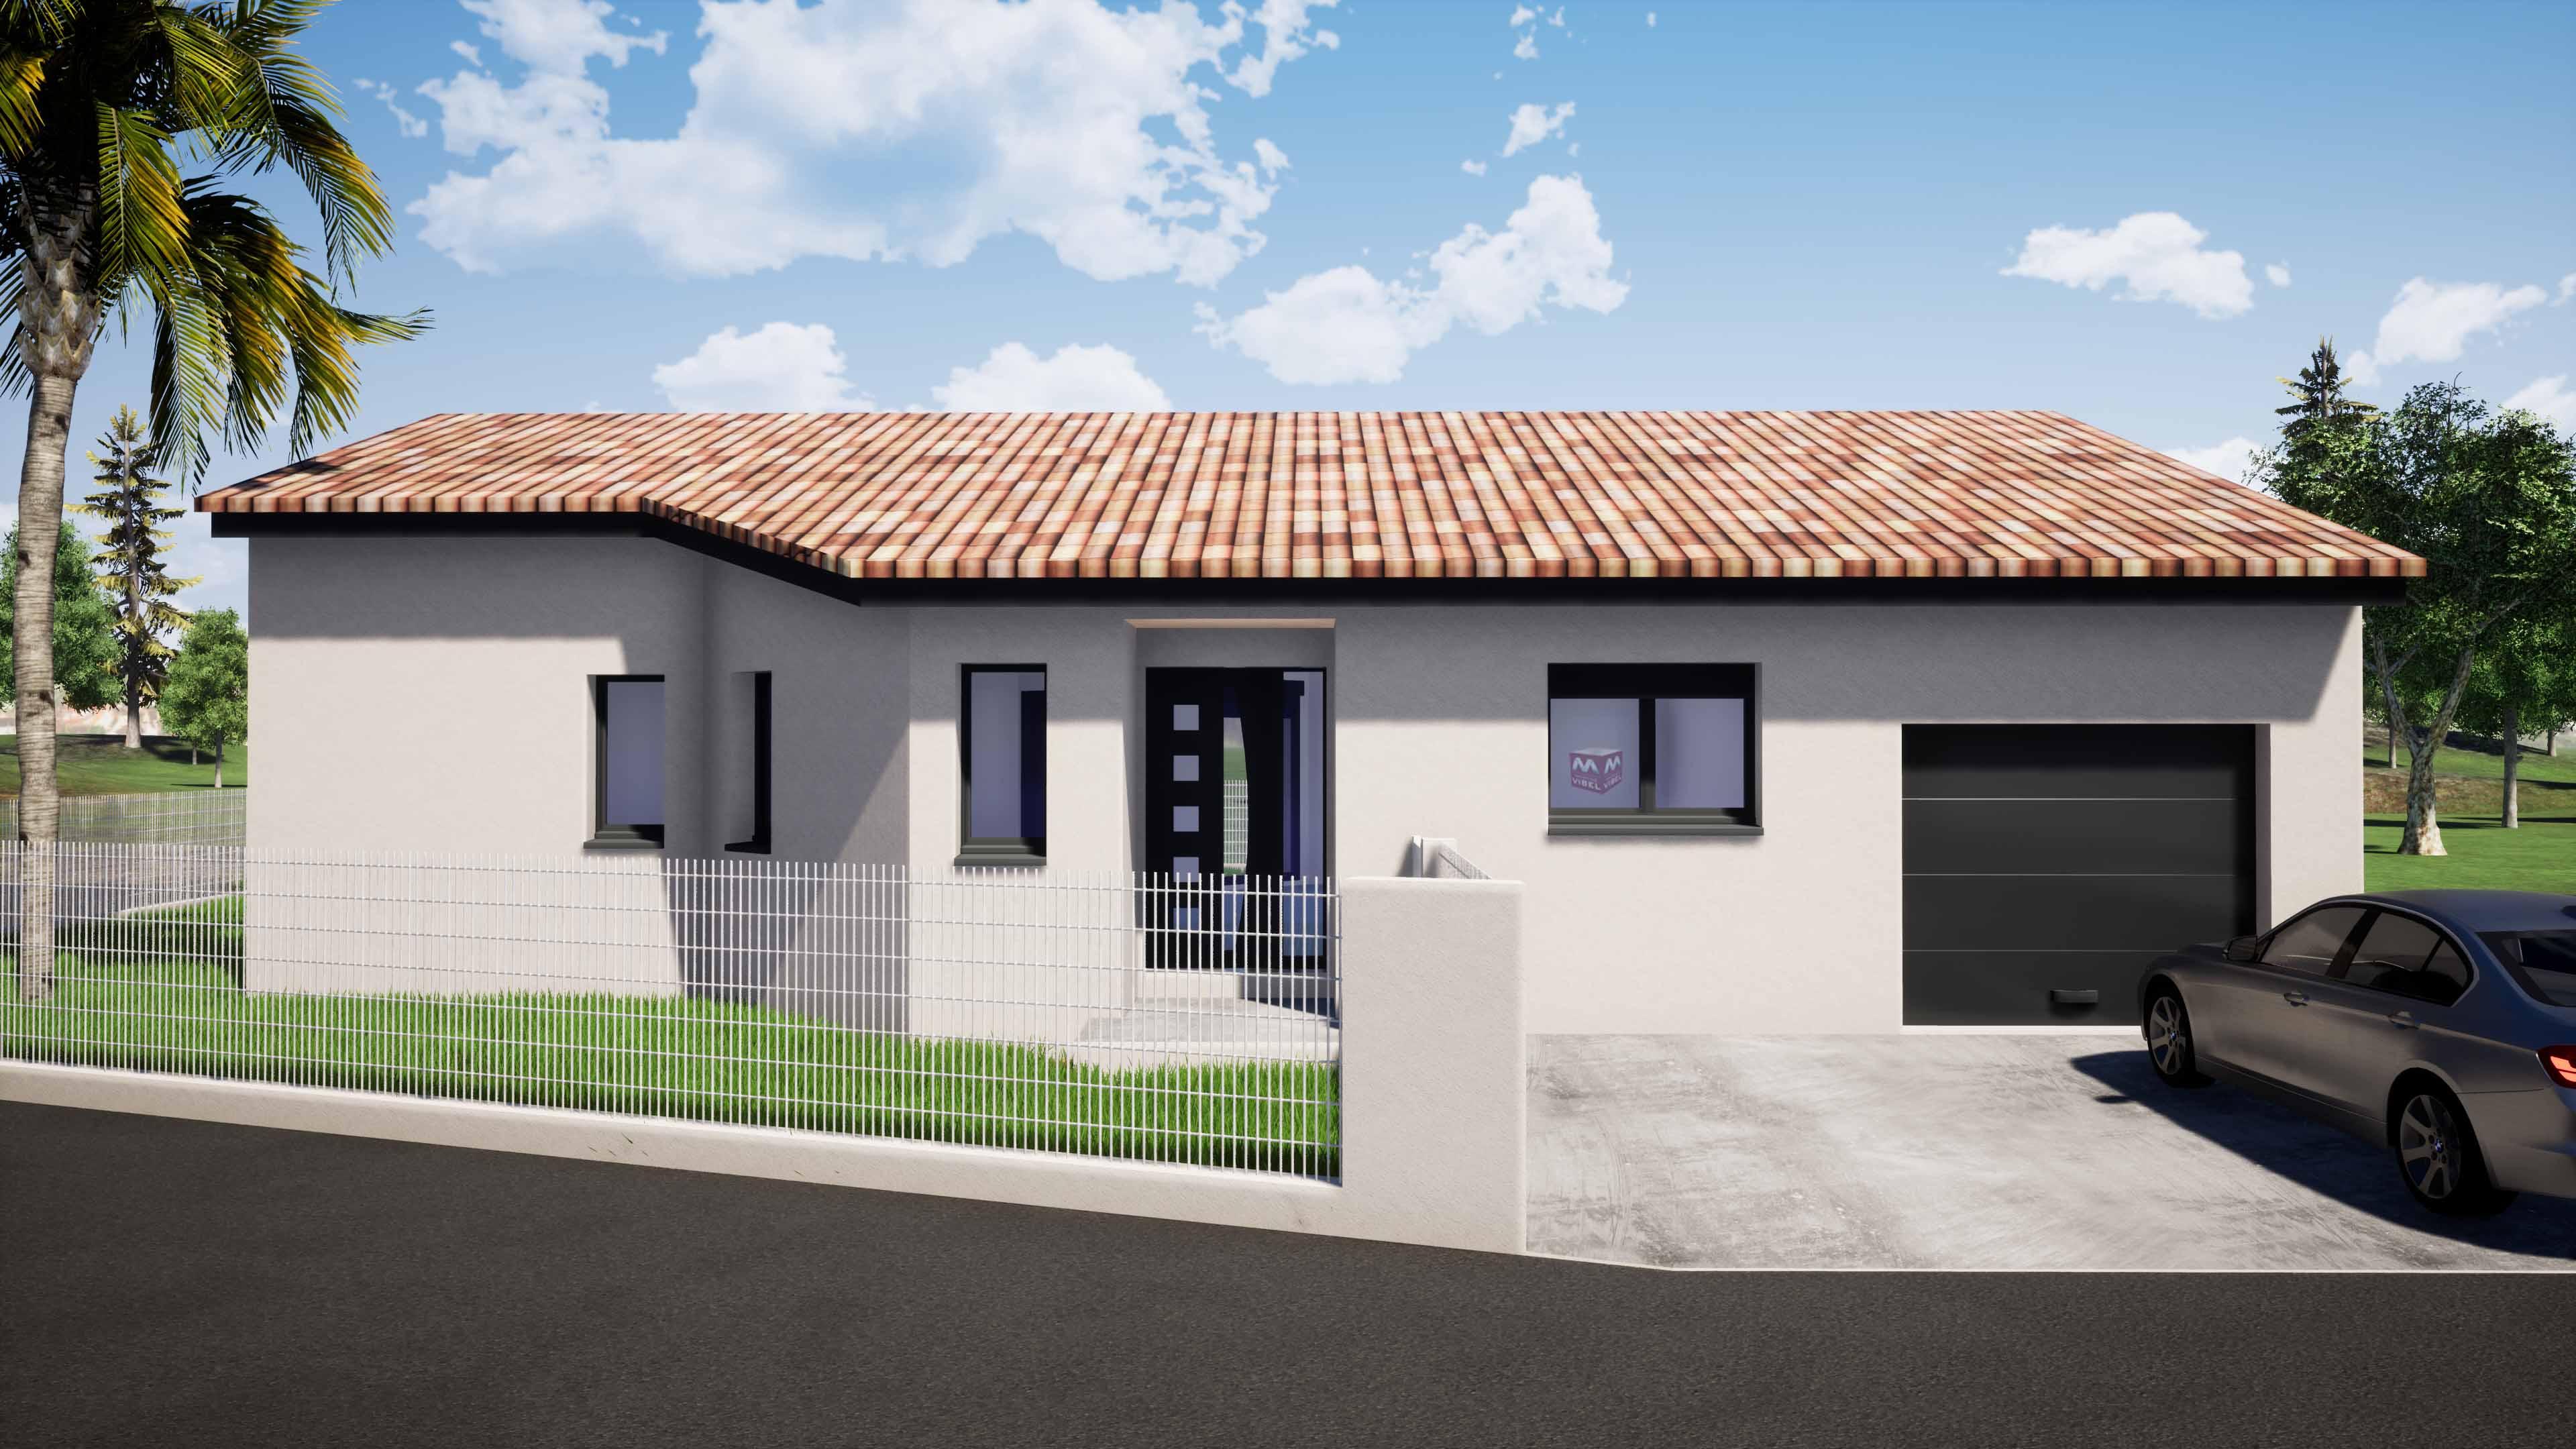 Maisons + Terrains du constructeur MAISONS VIBEL • 95 m² • SAINT JEAN PLA DE CORTS